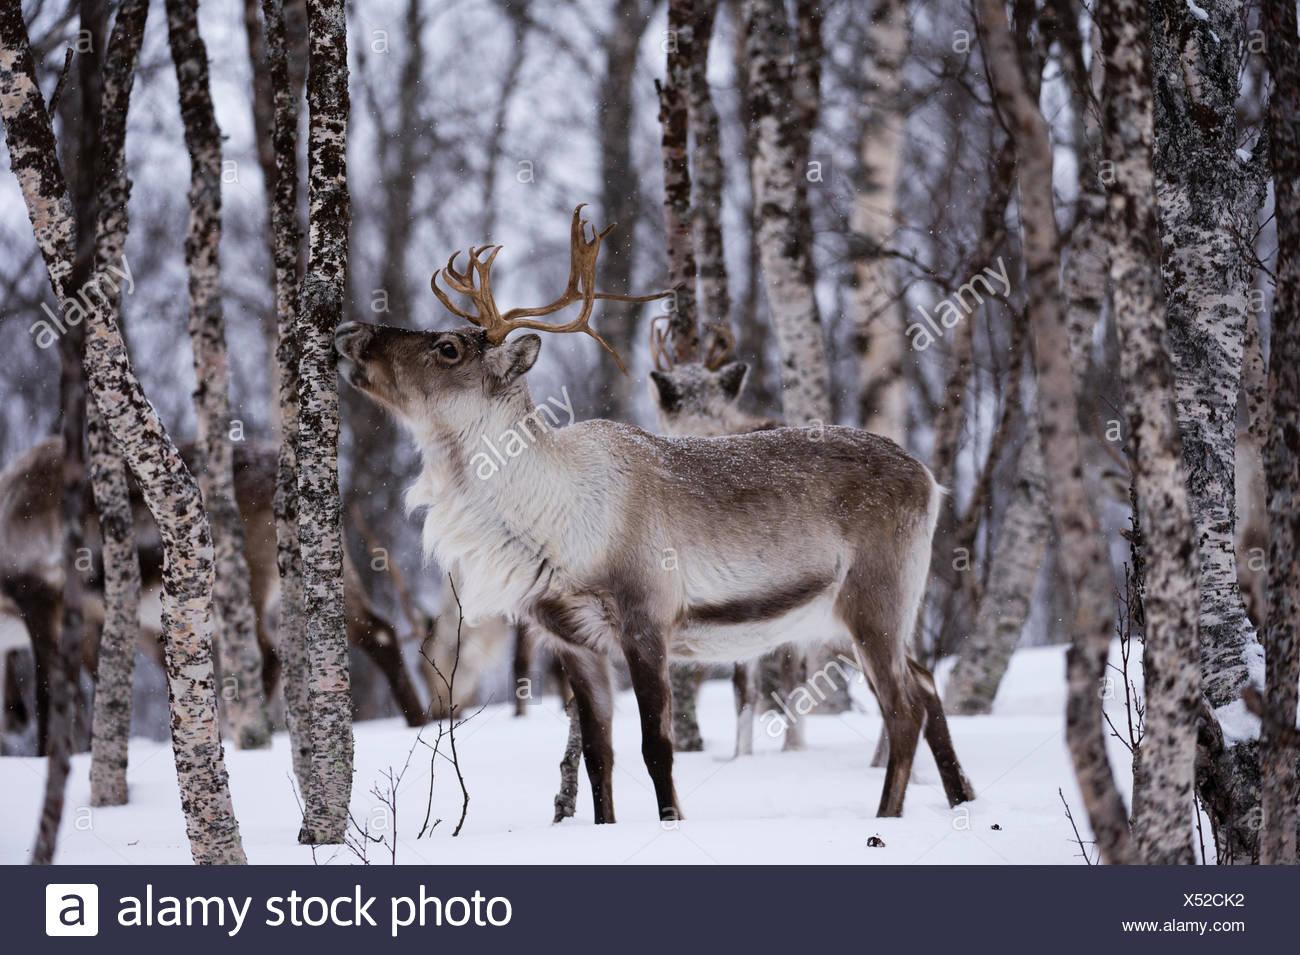 Un renne, Rangifer tarandus, dans une forêt enneigée. Banque D'Images